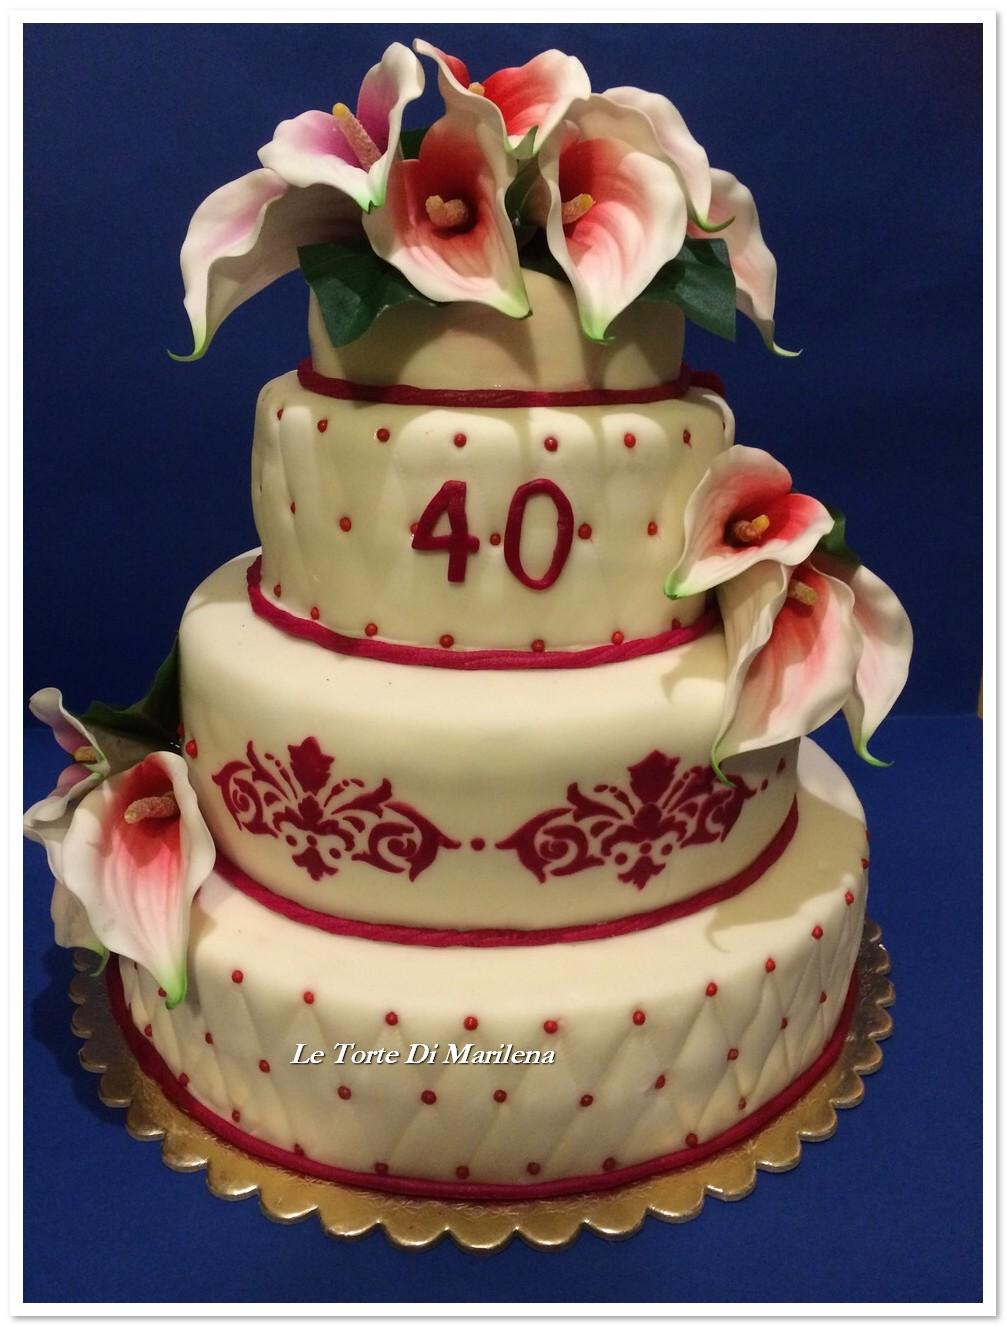 40ESIMO COMPLEANNO DONNA  Le Torte di Marilena